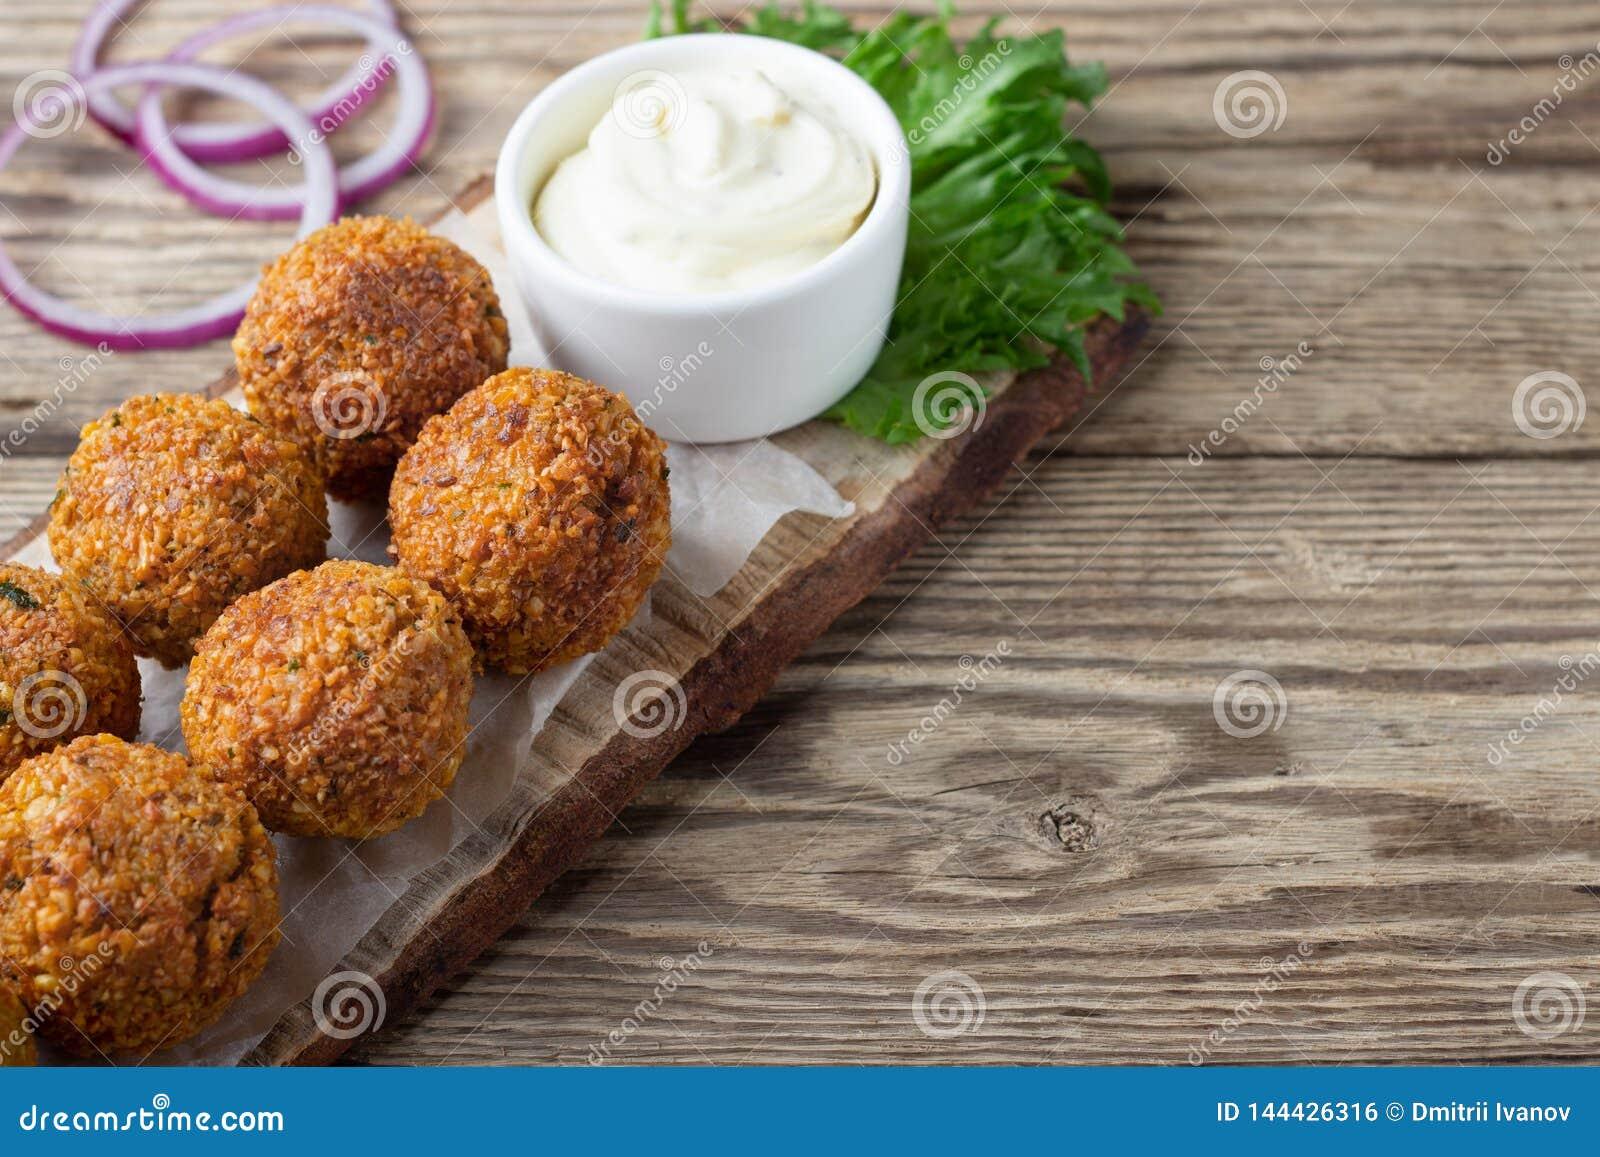 Χορτοφάγο πιάτο - falafel σφαίρες από καρυκευμένα chickpeas